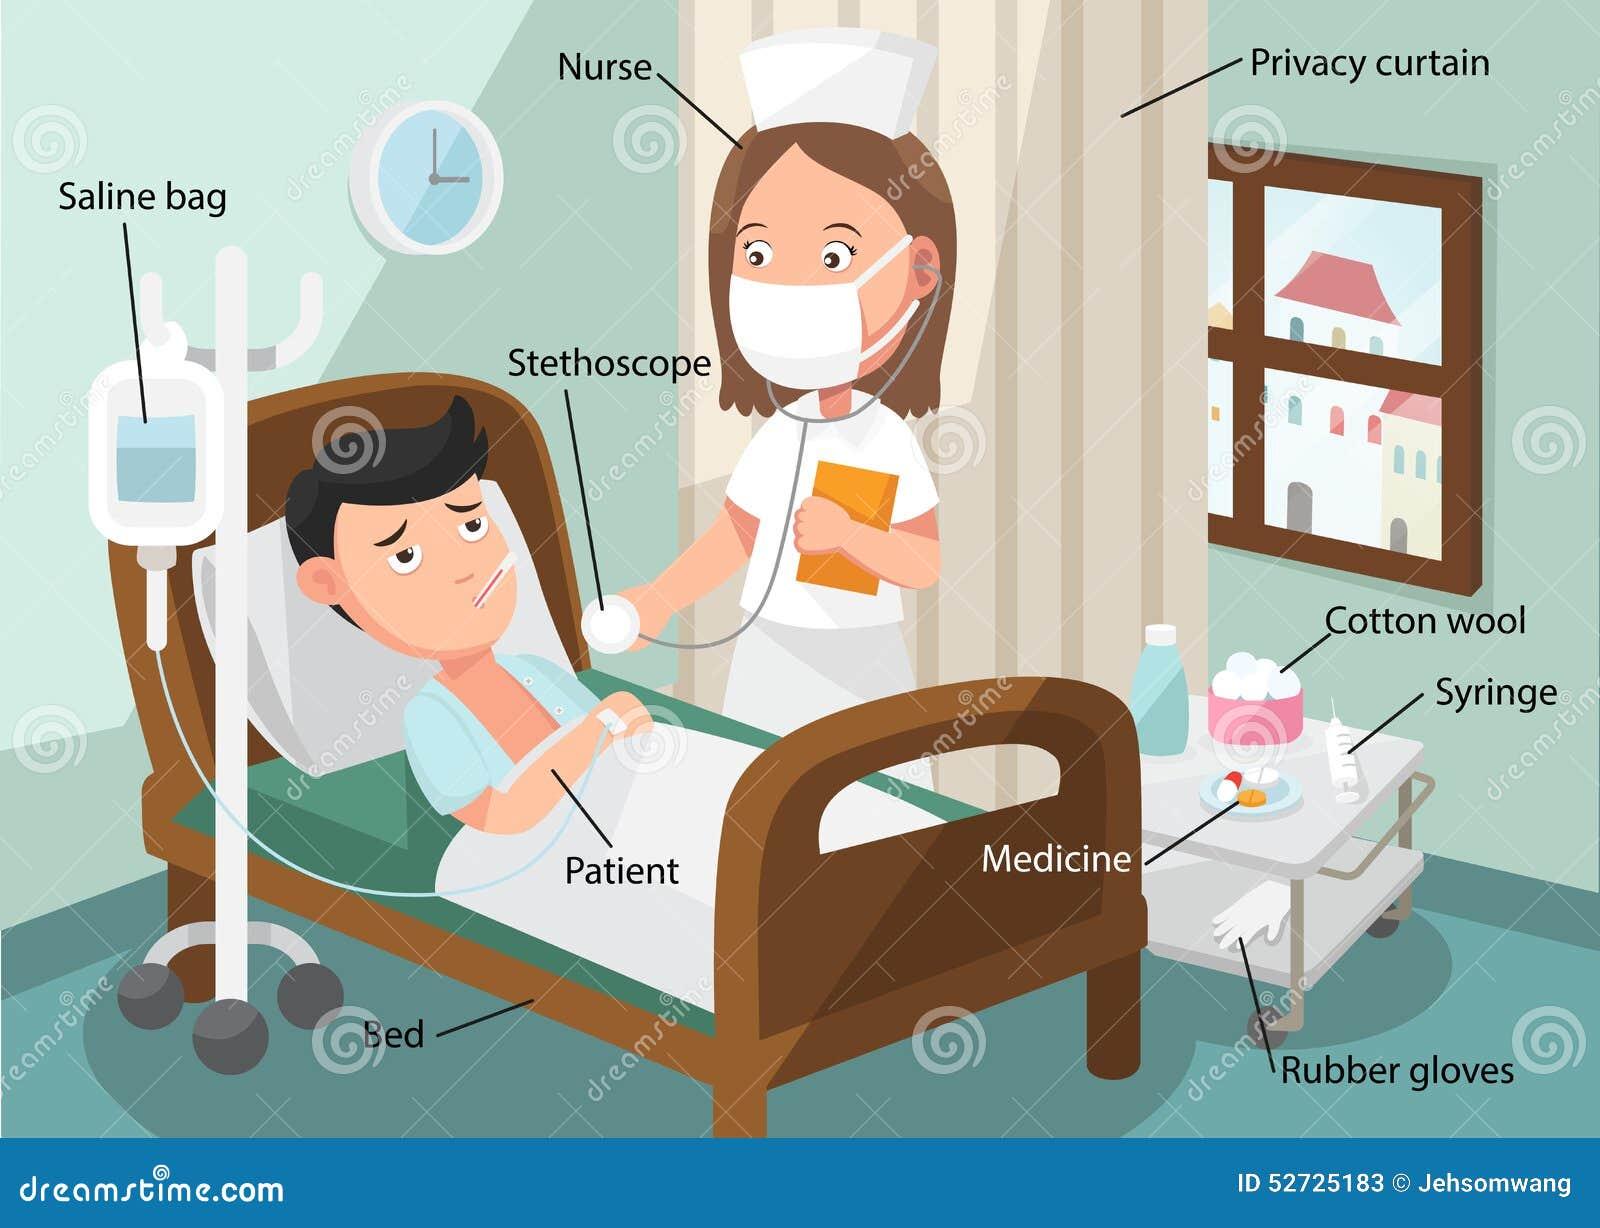 Kết quả hình ảnh cho hospital room vocabulary